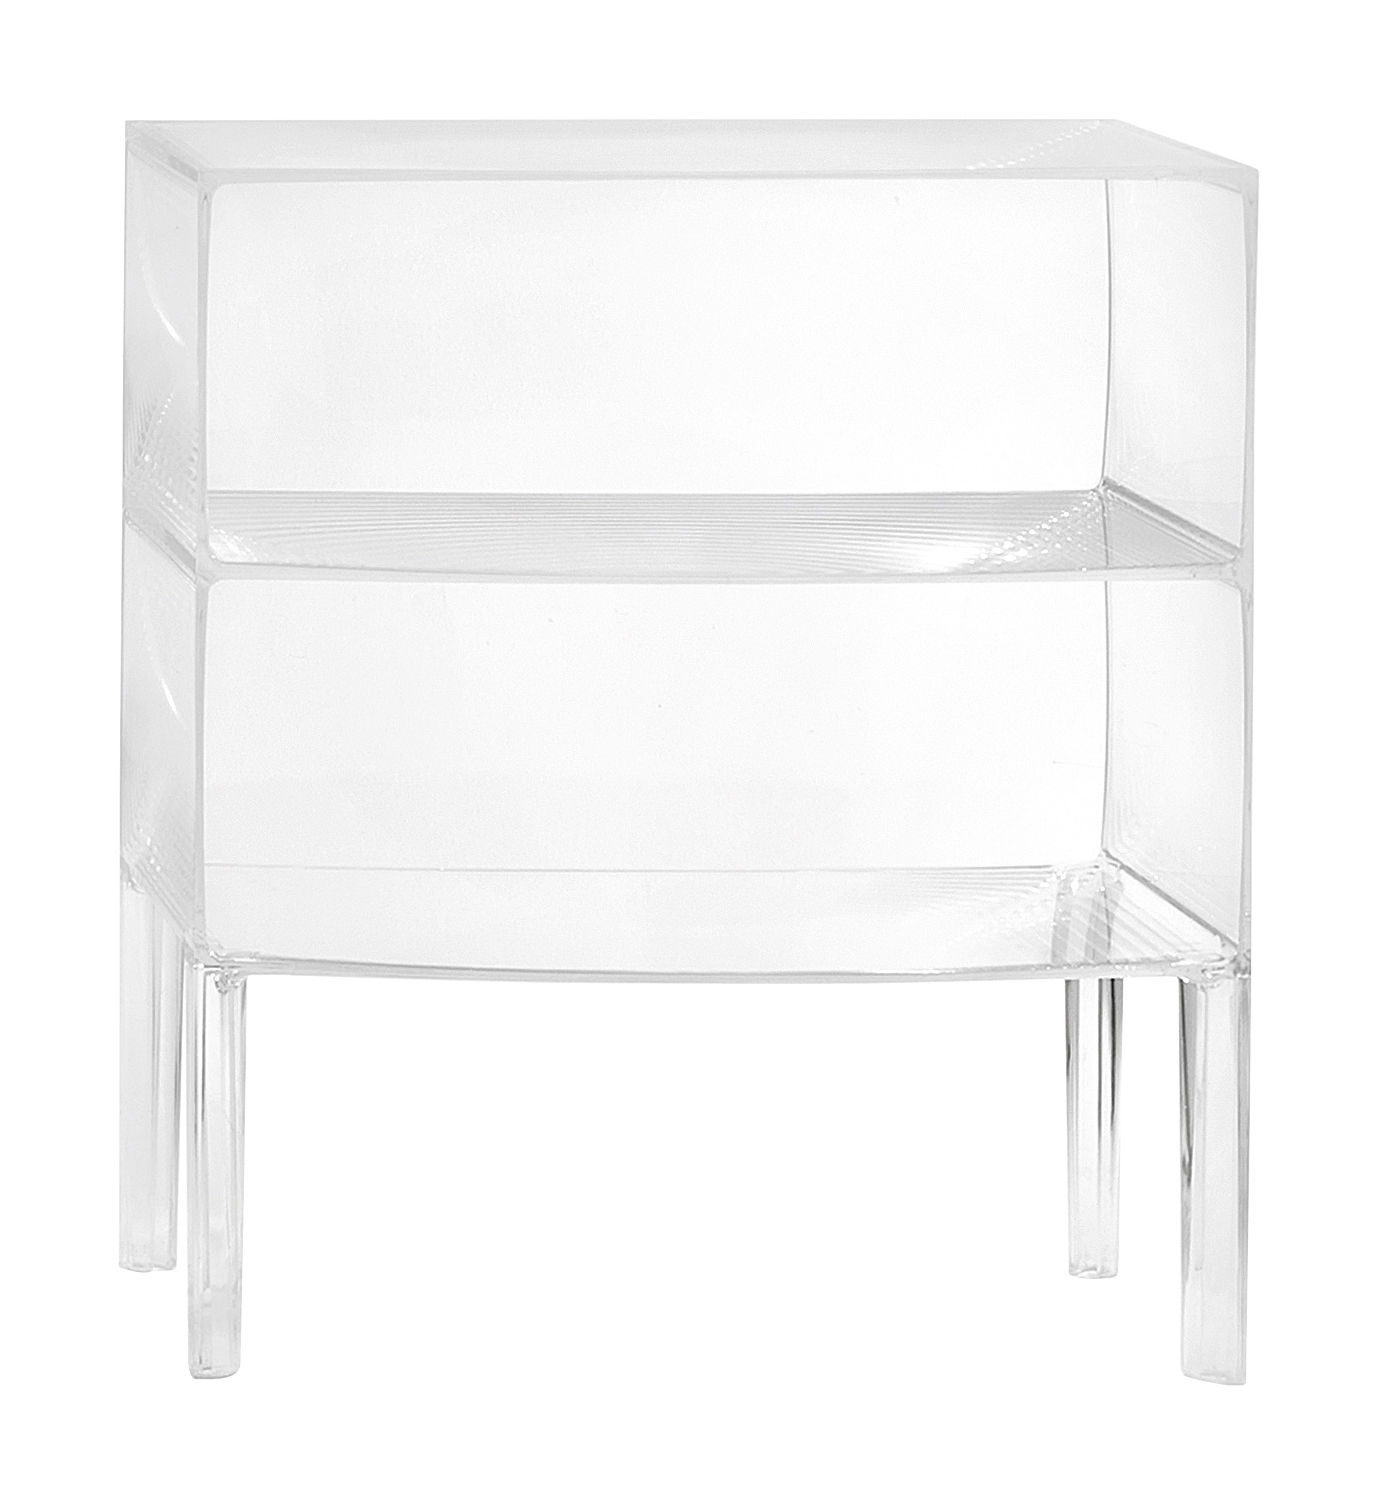 Möbel - Kommode und Anrichte - Ghost Buster Kommode - Kartell - Kristall - PMMA